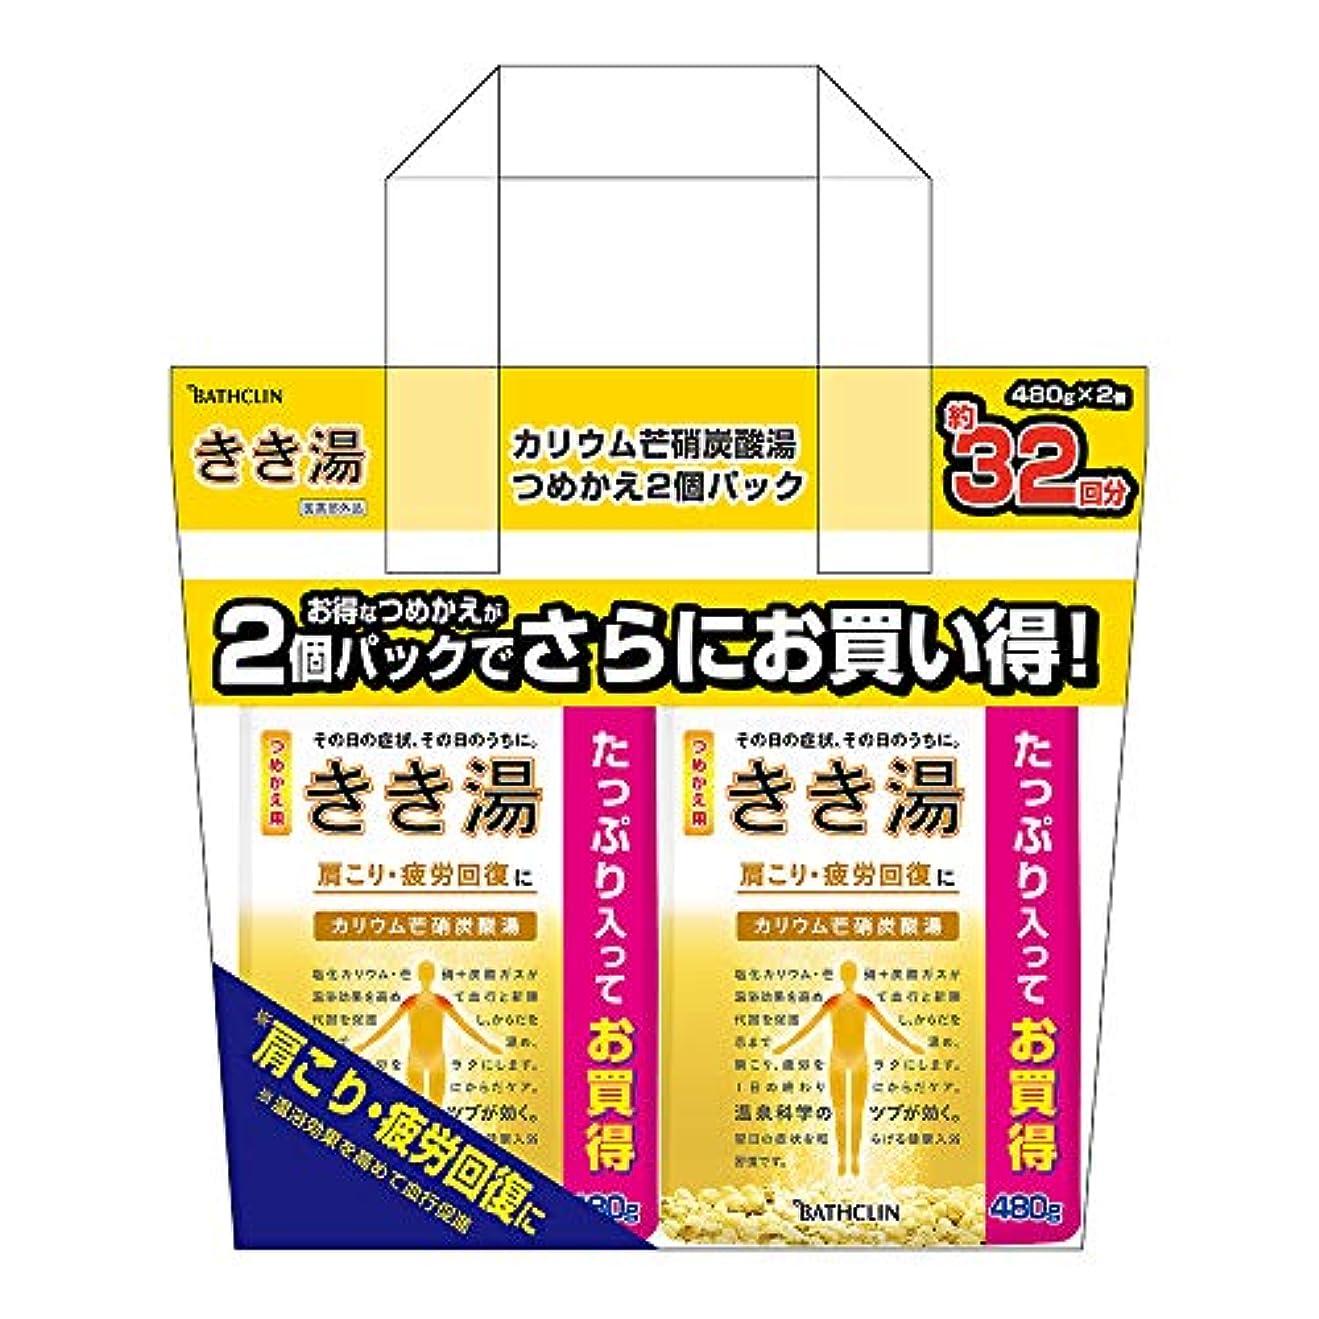 申し立てるカカドゥ世界きき湯つめかえ2個パックカリウム芒硝炭酸湯 入浴剤 はちみつレモンの香りの炭酸入浴剤 レモン色の湯(透明タイプ) の炭酸入浴剤 詰替え用 480g×2個